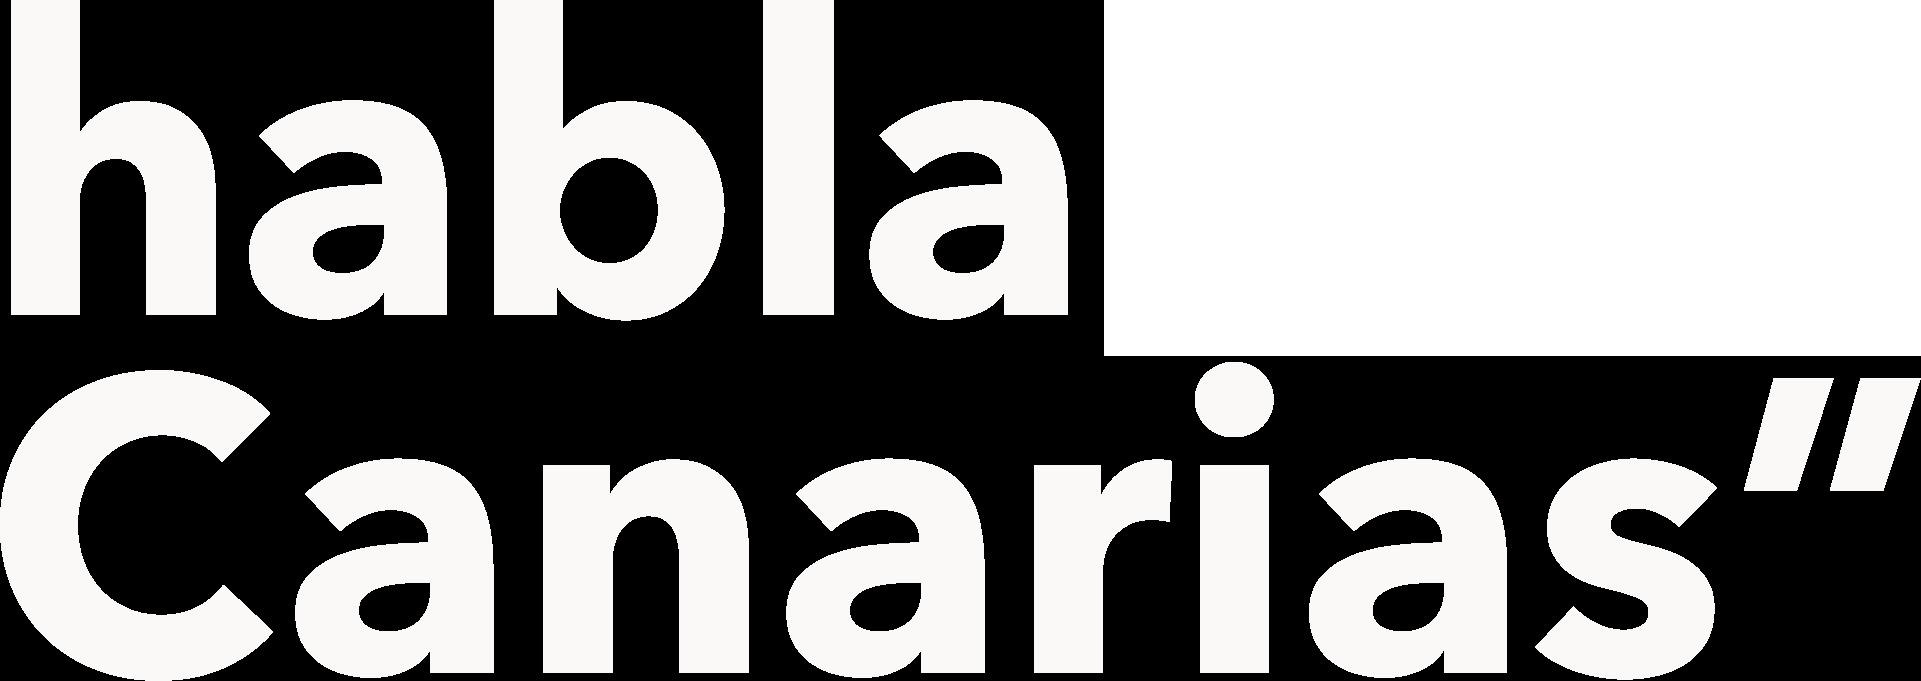 Habla Canarias